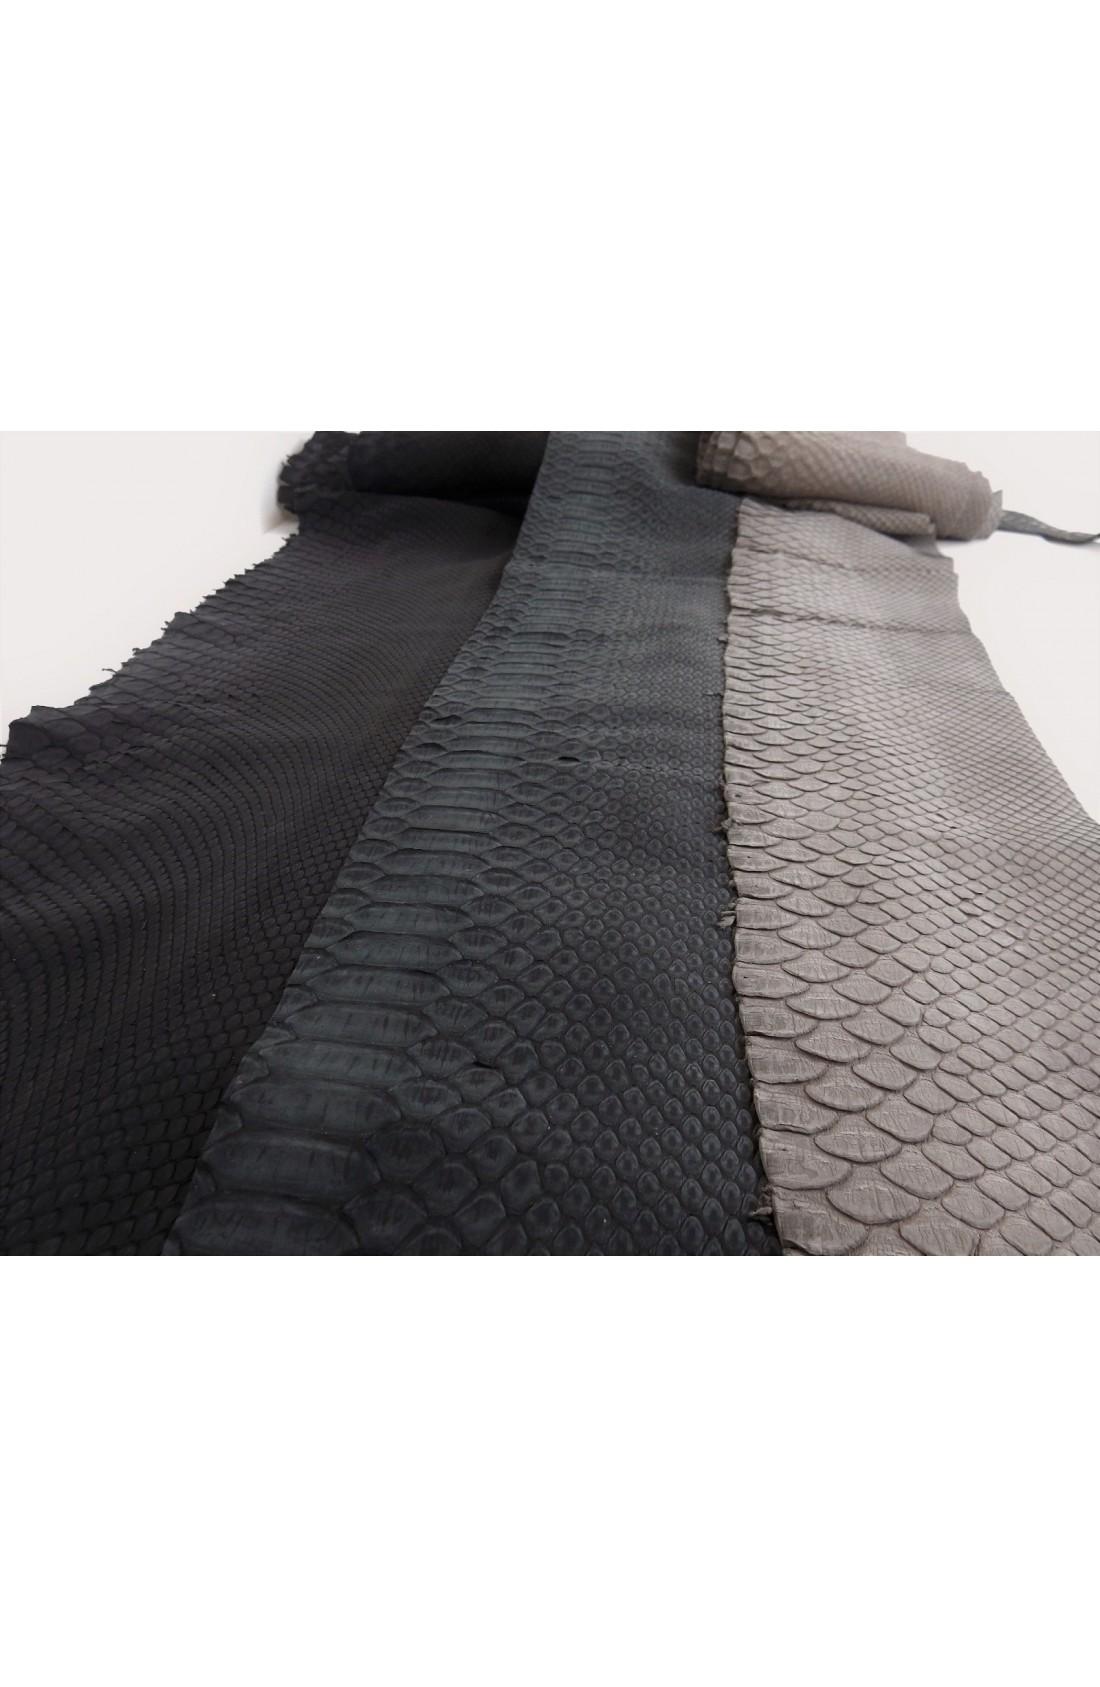 art. 22 PITONE VERO opaco decolorato smerigliato var.1 nero + 11 antracite + 12 grigio polvere